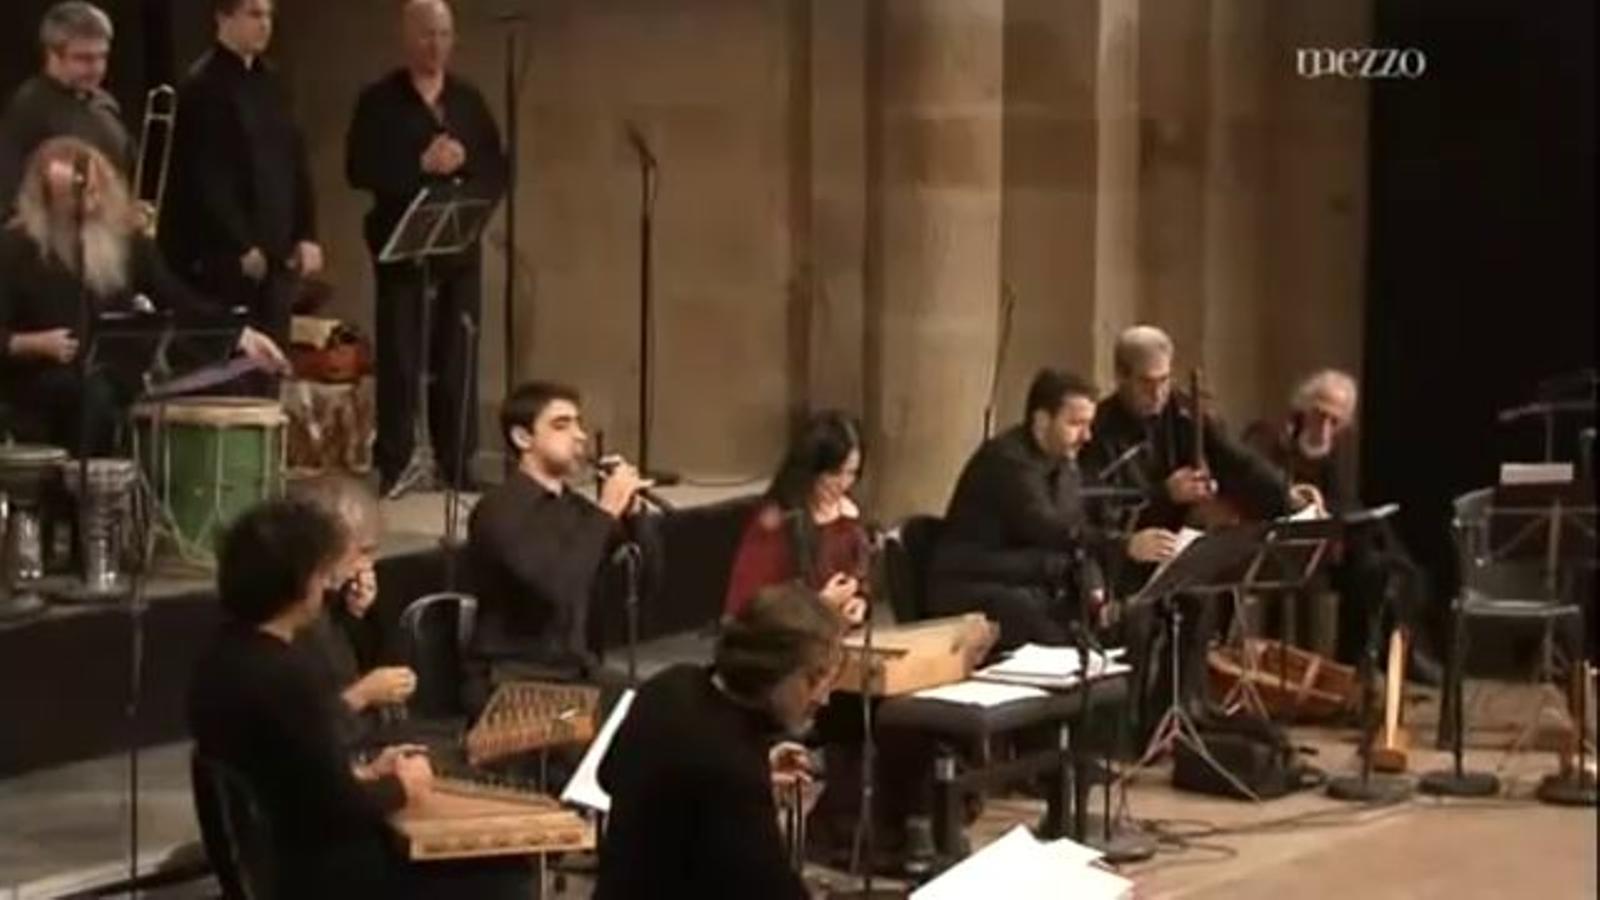 Actuació d'Hesperion XXI, amb Jordi Savall i Montserrat Figueras